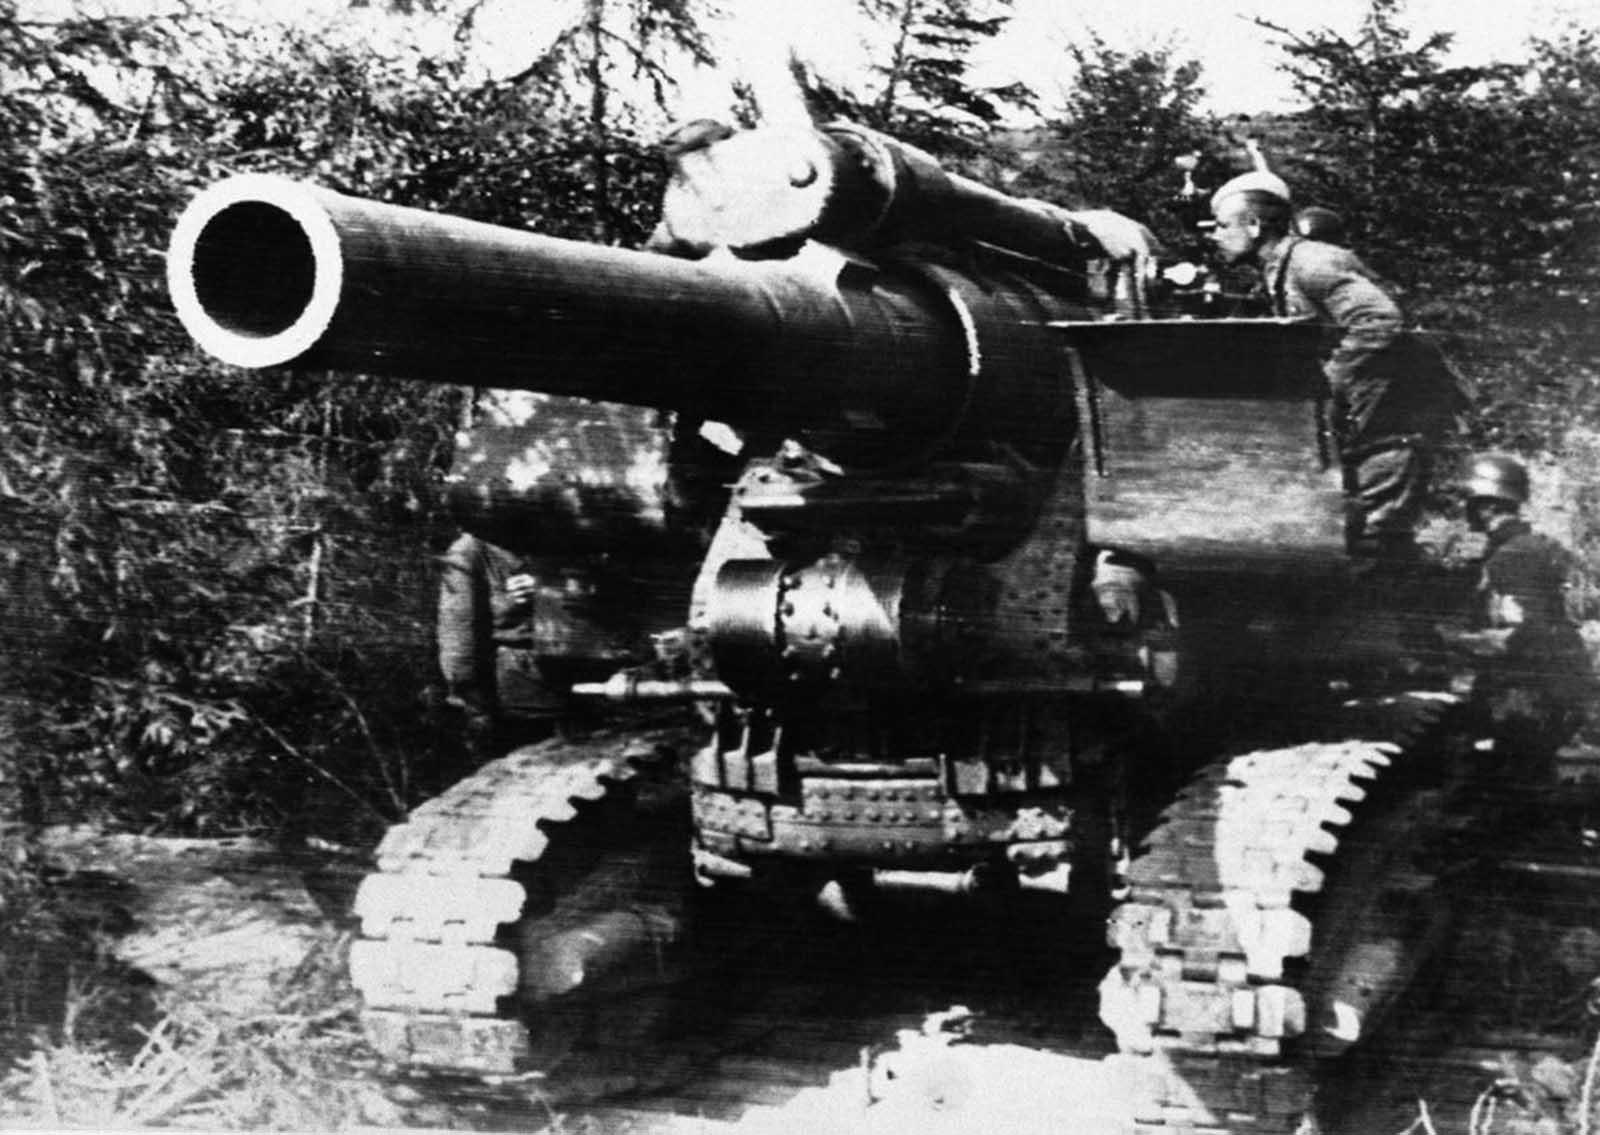 جنود سوفيت خلال محاولتهم صد التقدم الألماني